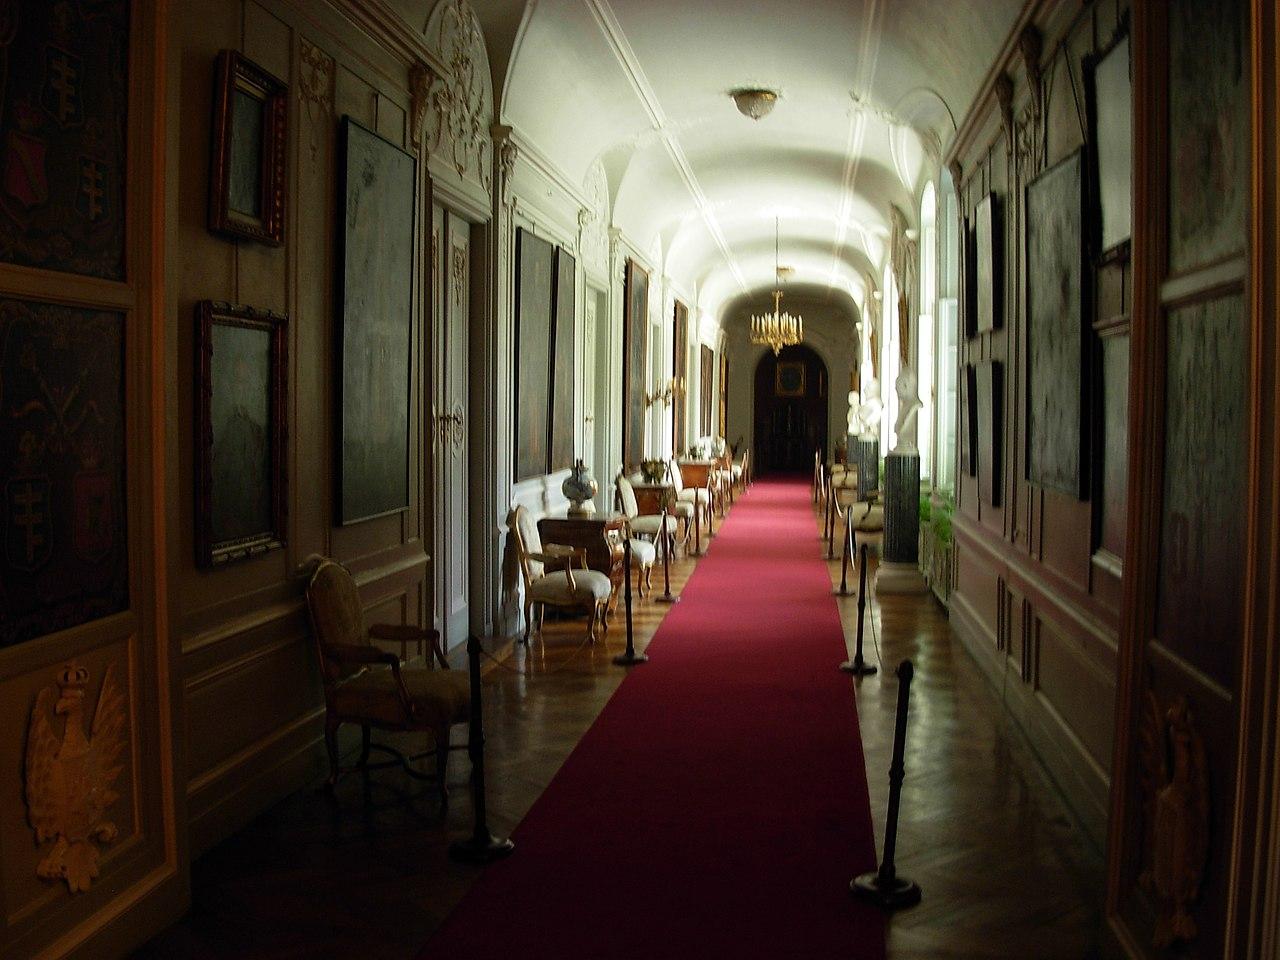 Ланьцутский дворец - внутри 02.JPG